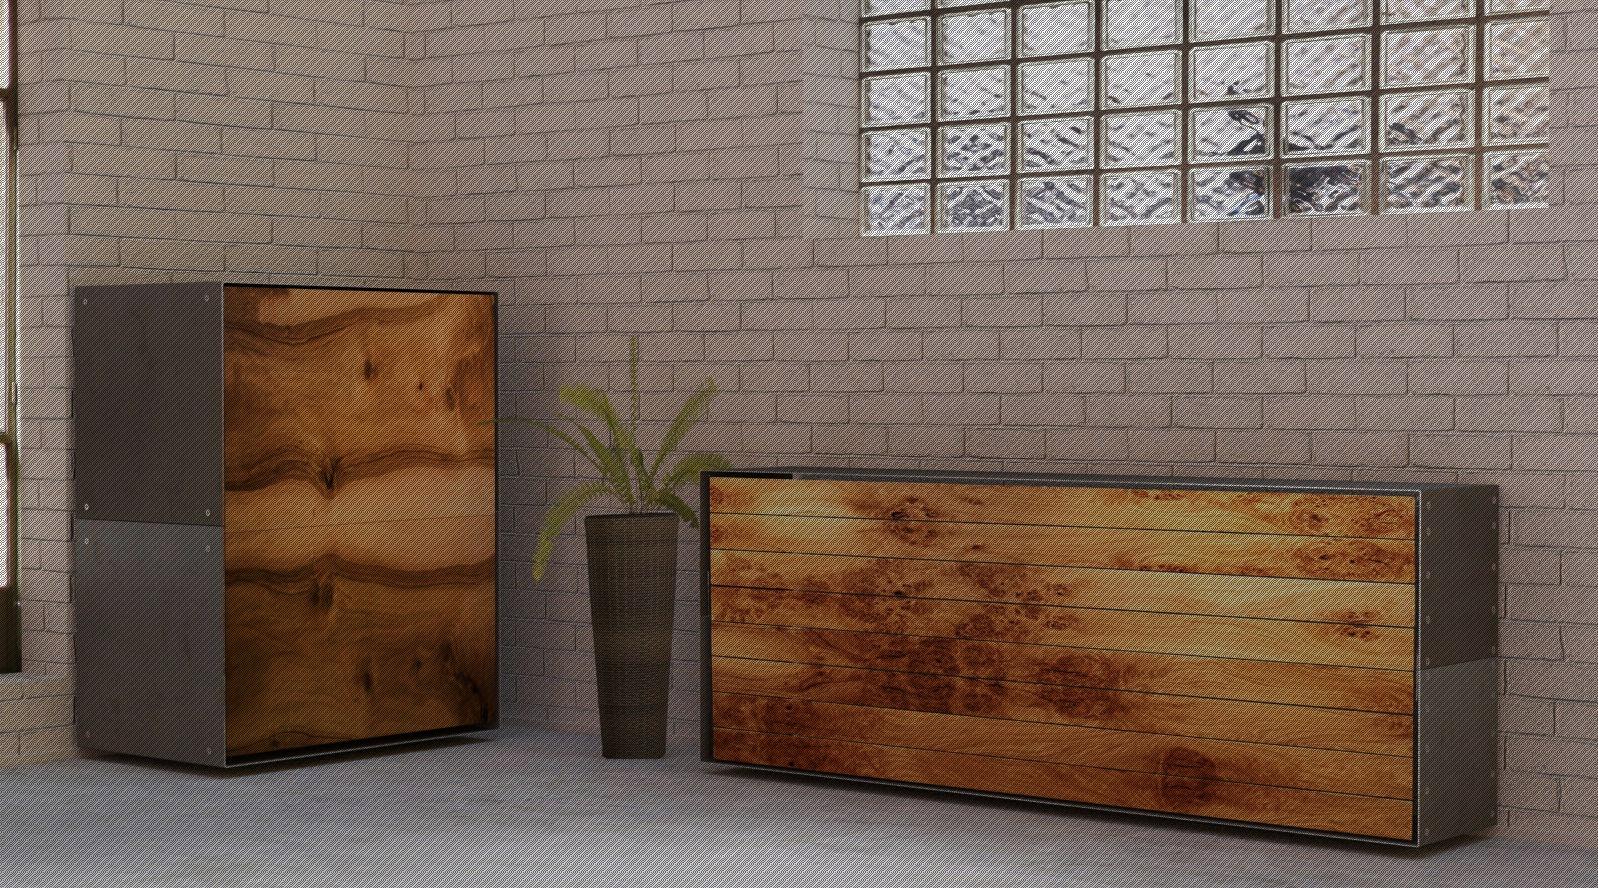 Stahlmöbel design  Design Stahlmöbel mit Holz